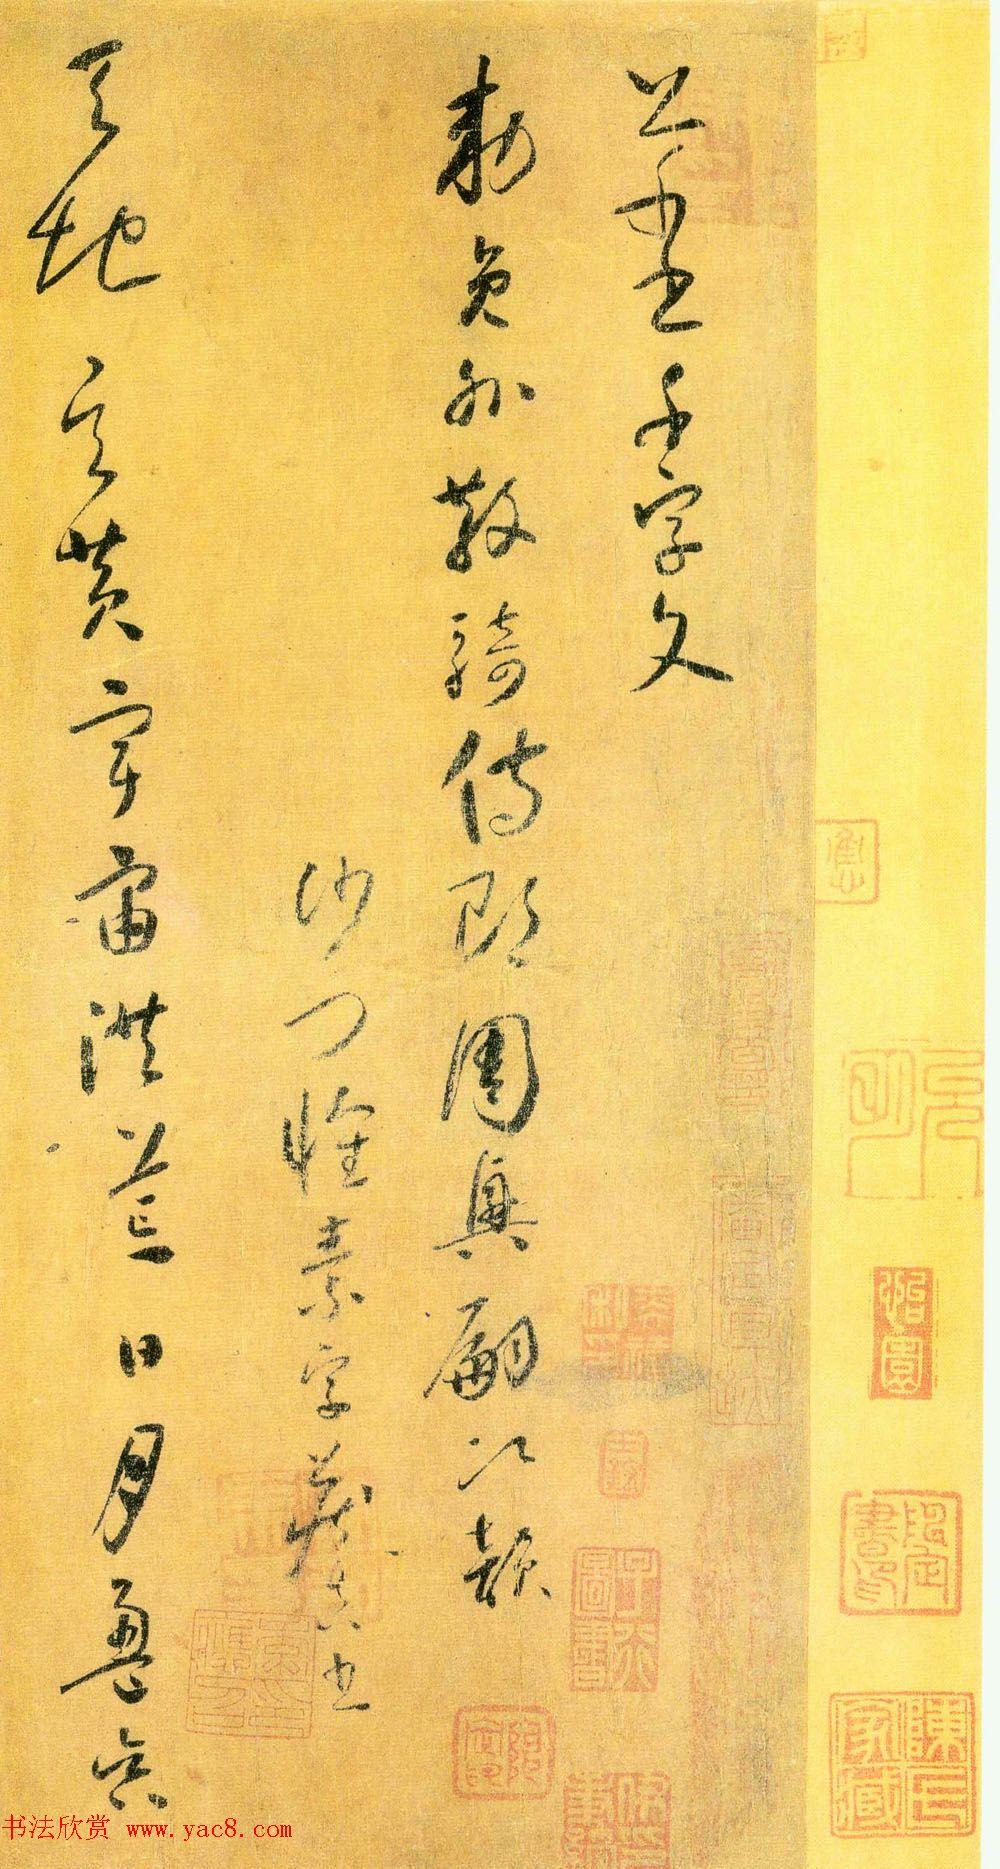 怀素小草千字文墨迹.pdf下载